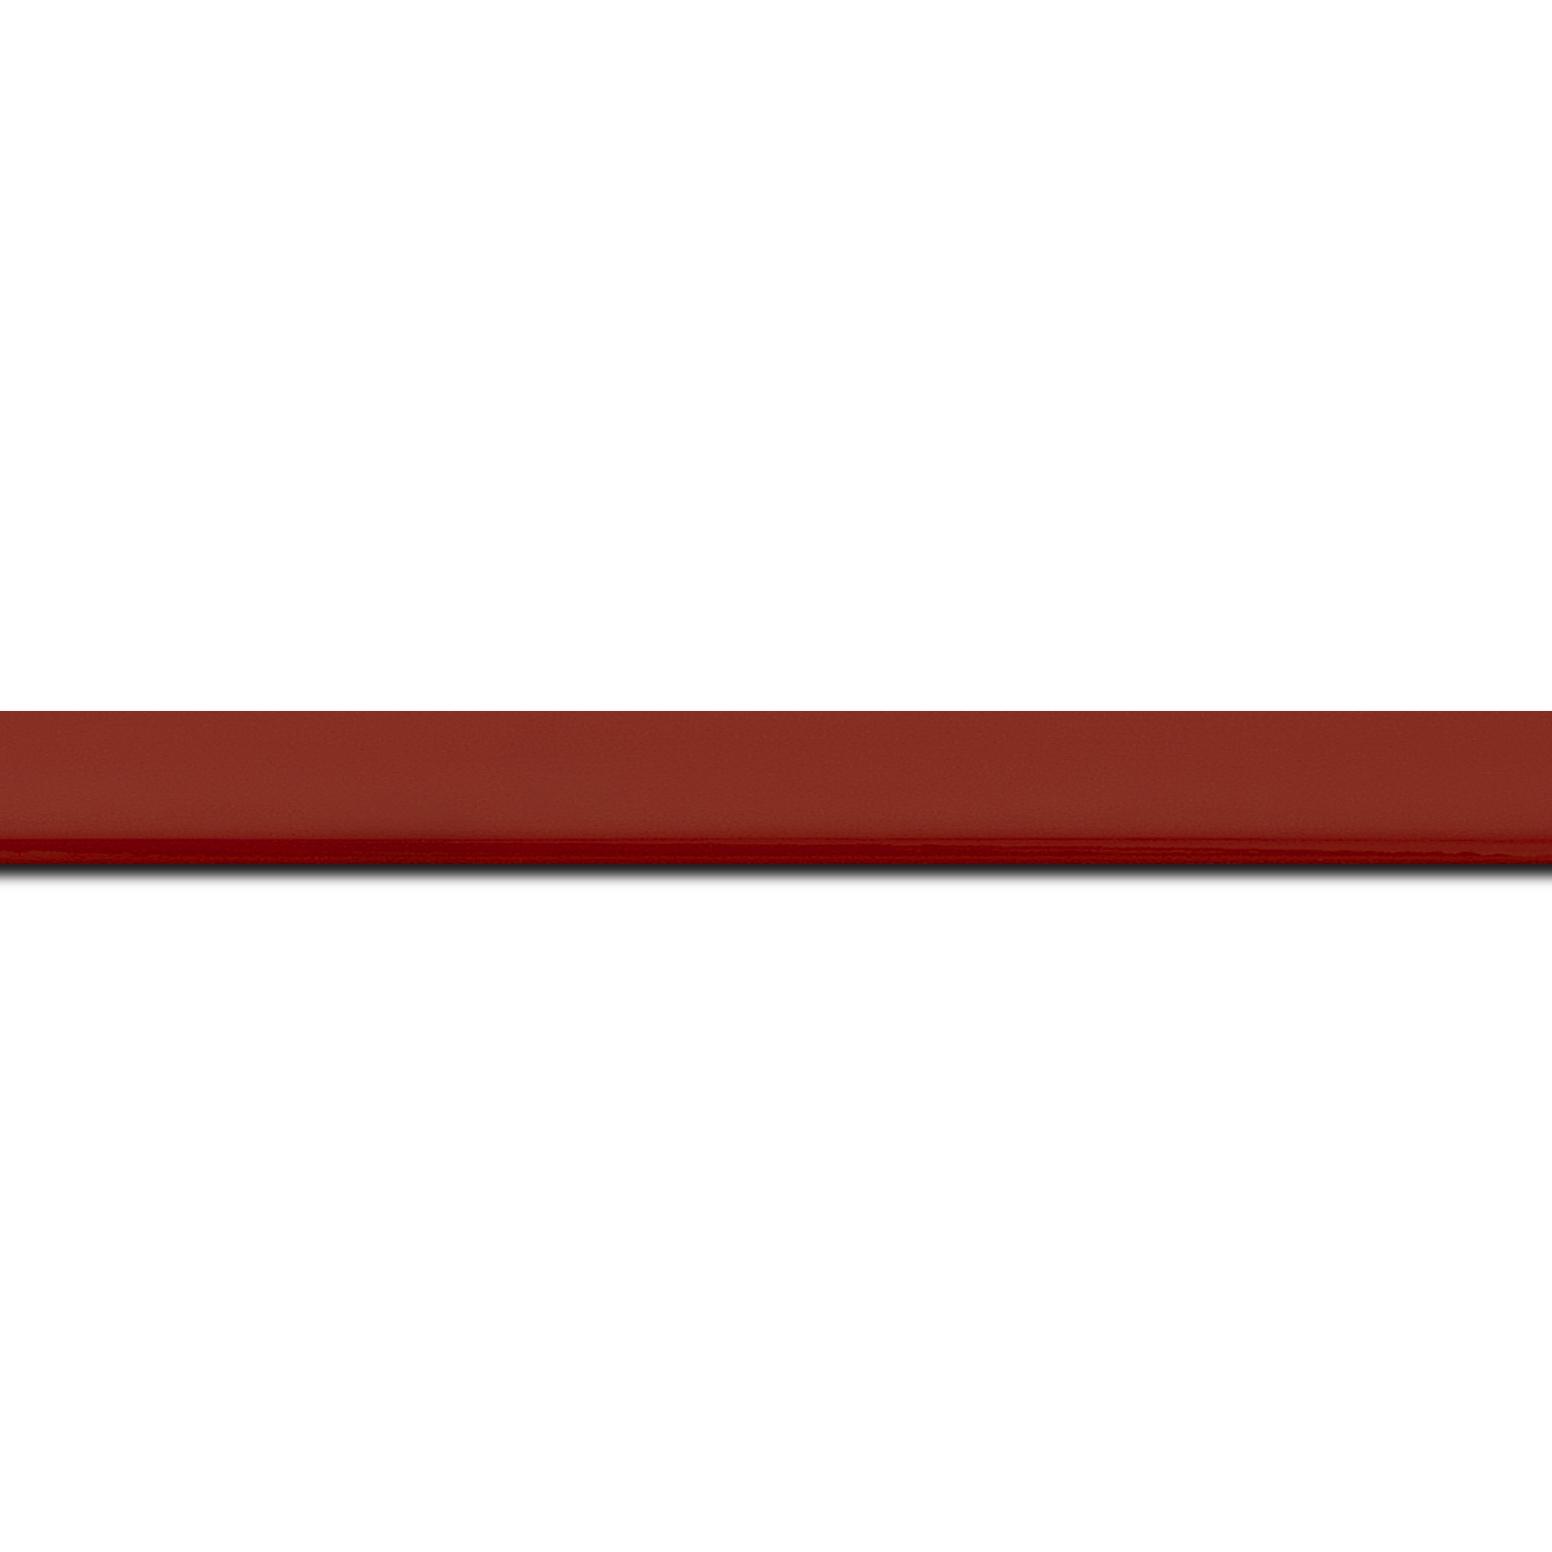 Pack par 12m, bois profil méplat largeur 1.4cm couleur rouge laqué (longueur baguette pouvant varier entre 2.40m et 3m selon arrivage des bois)